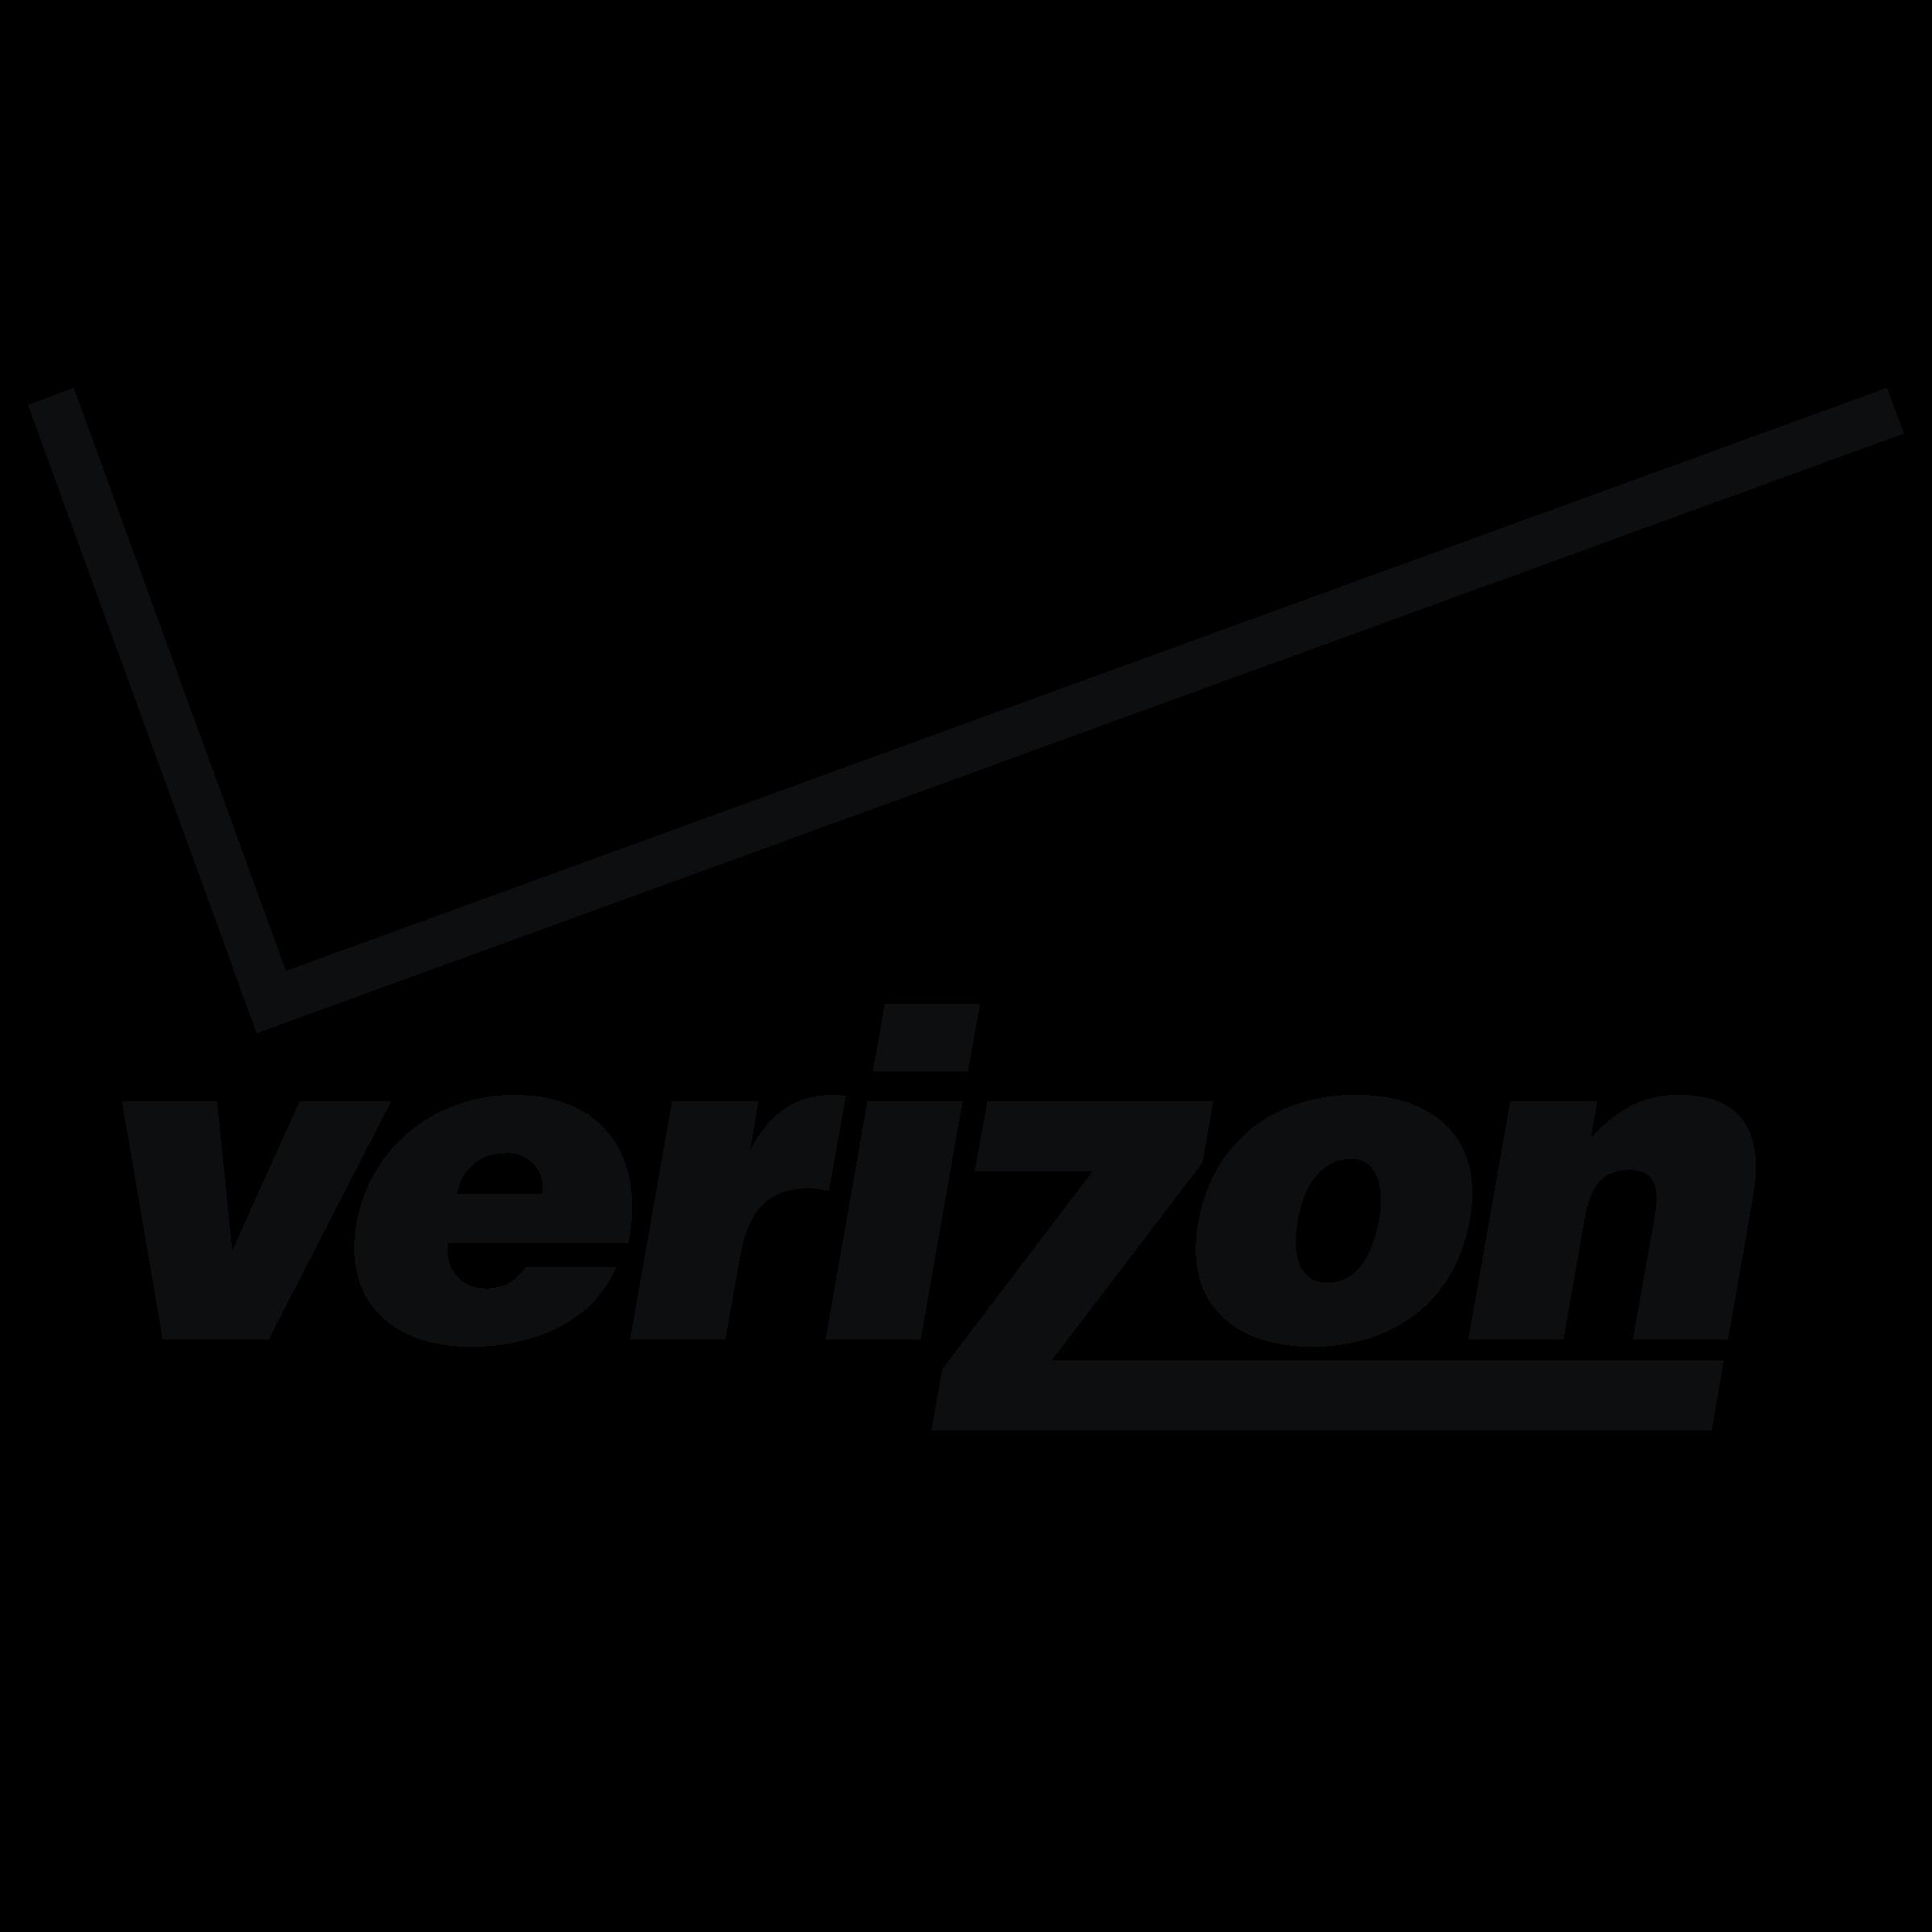 verizon-2-logo-png-transparent.png